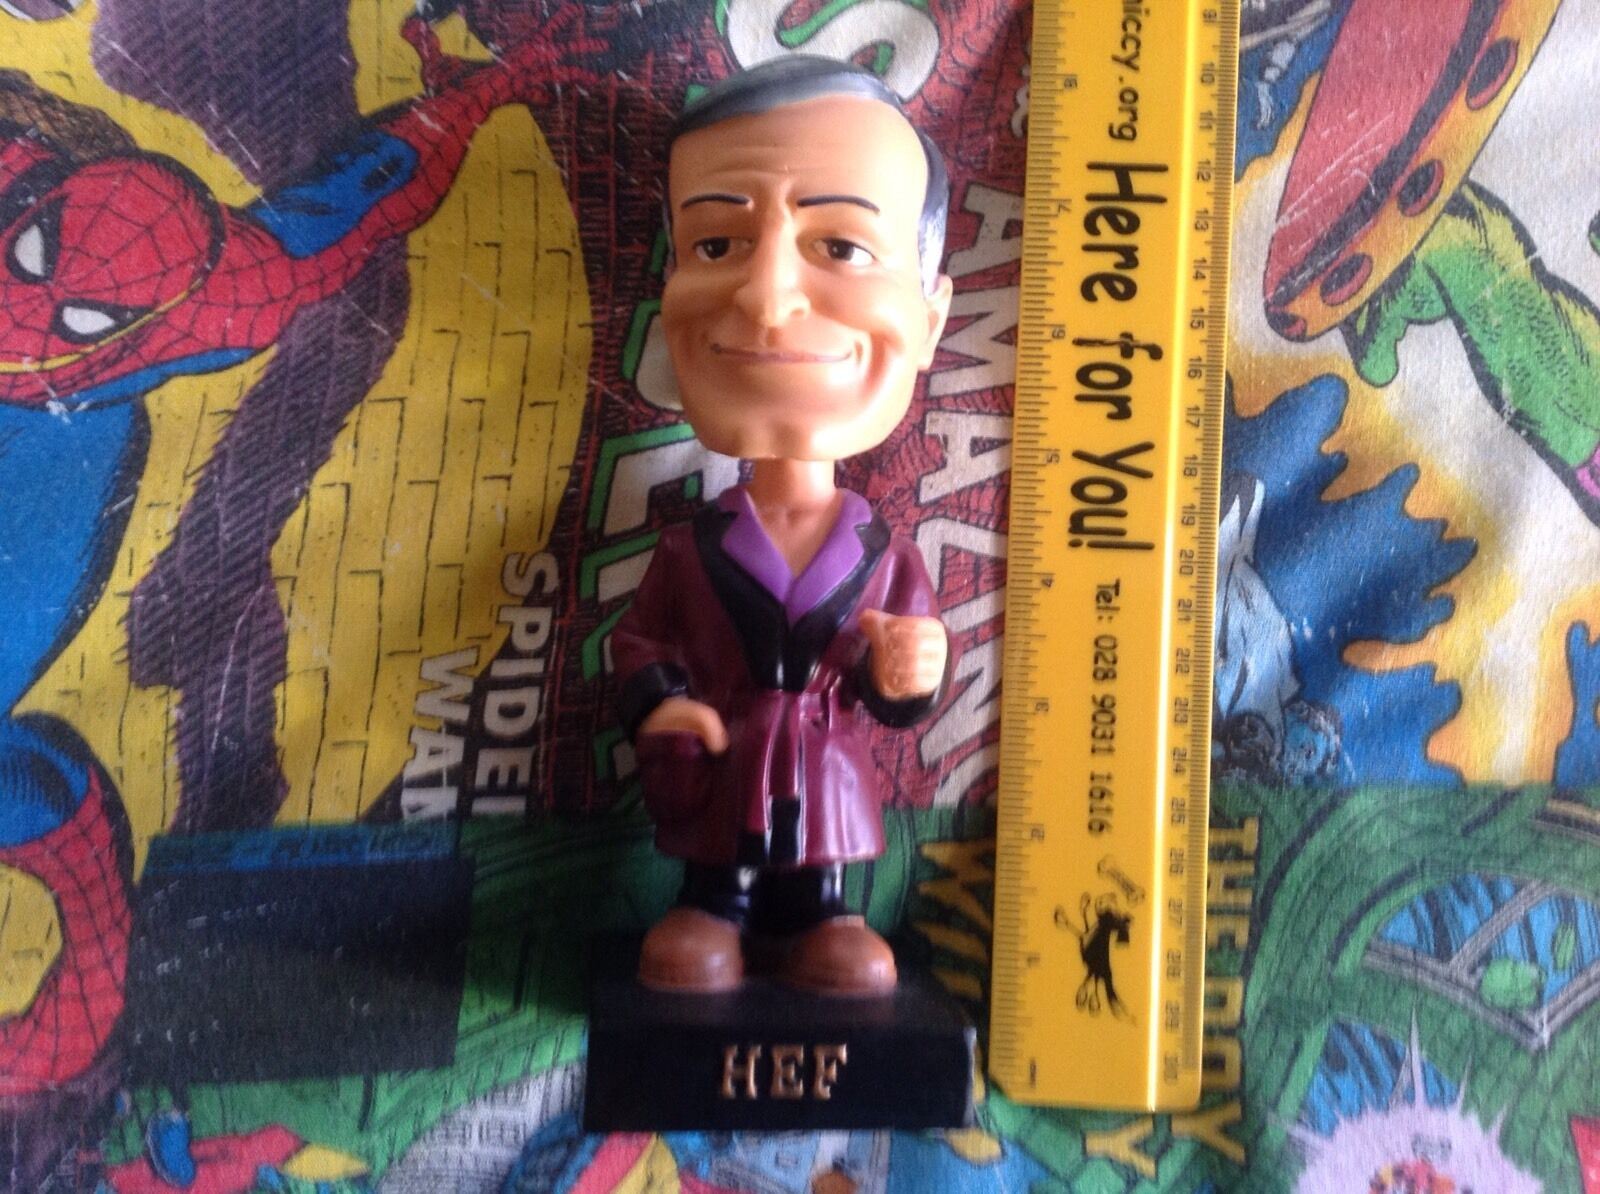 PLAYBOY-HUGH HEFNER-Bobble Head  - 2004-HEF-PLAYBOY BUNNY-MOLTO RARO  autorizzazione